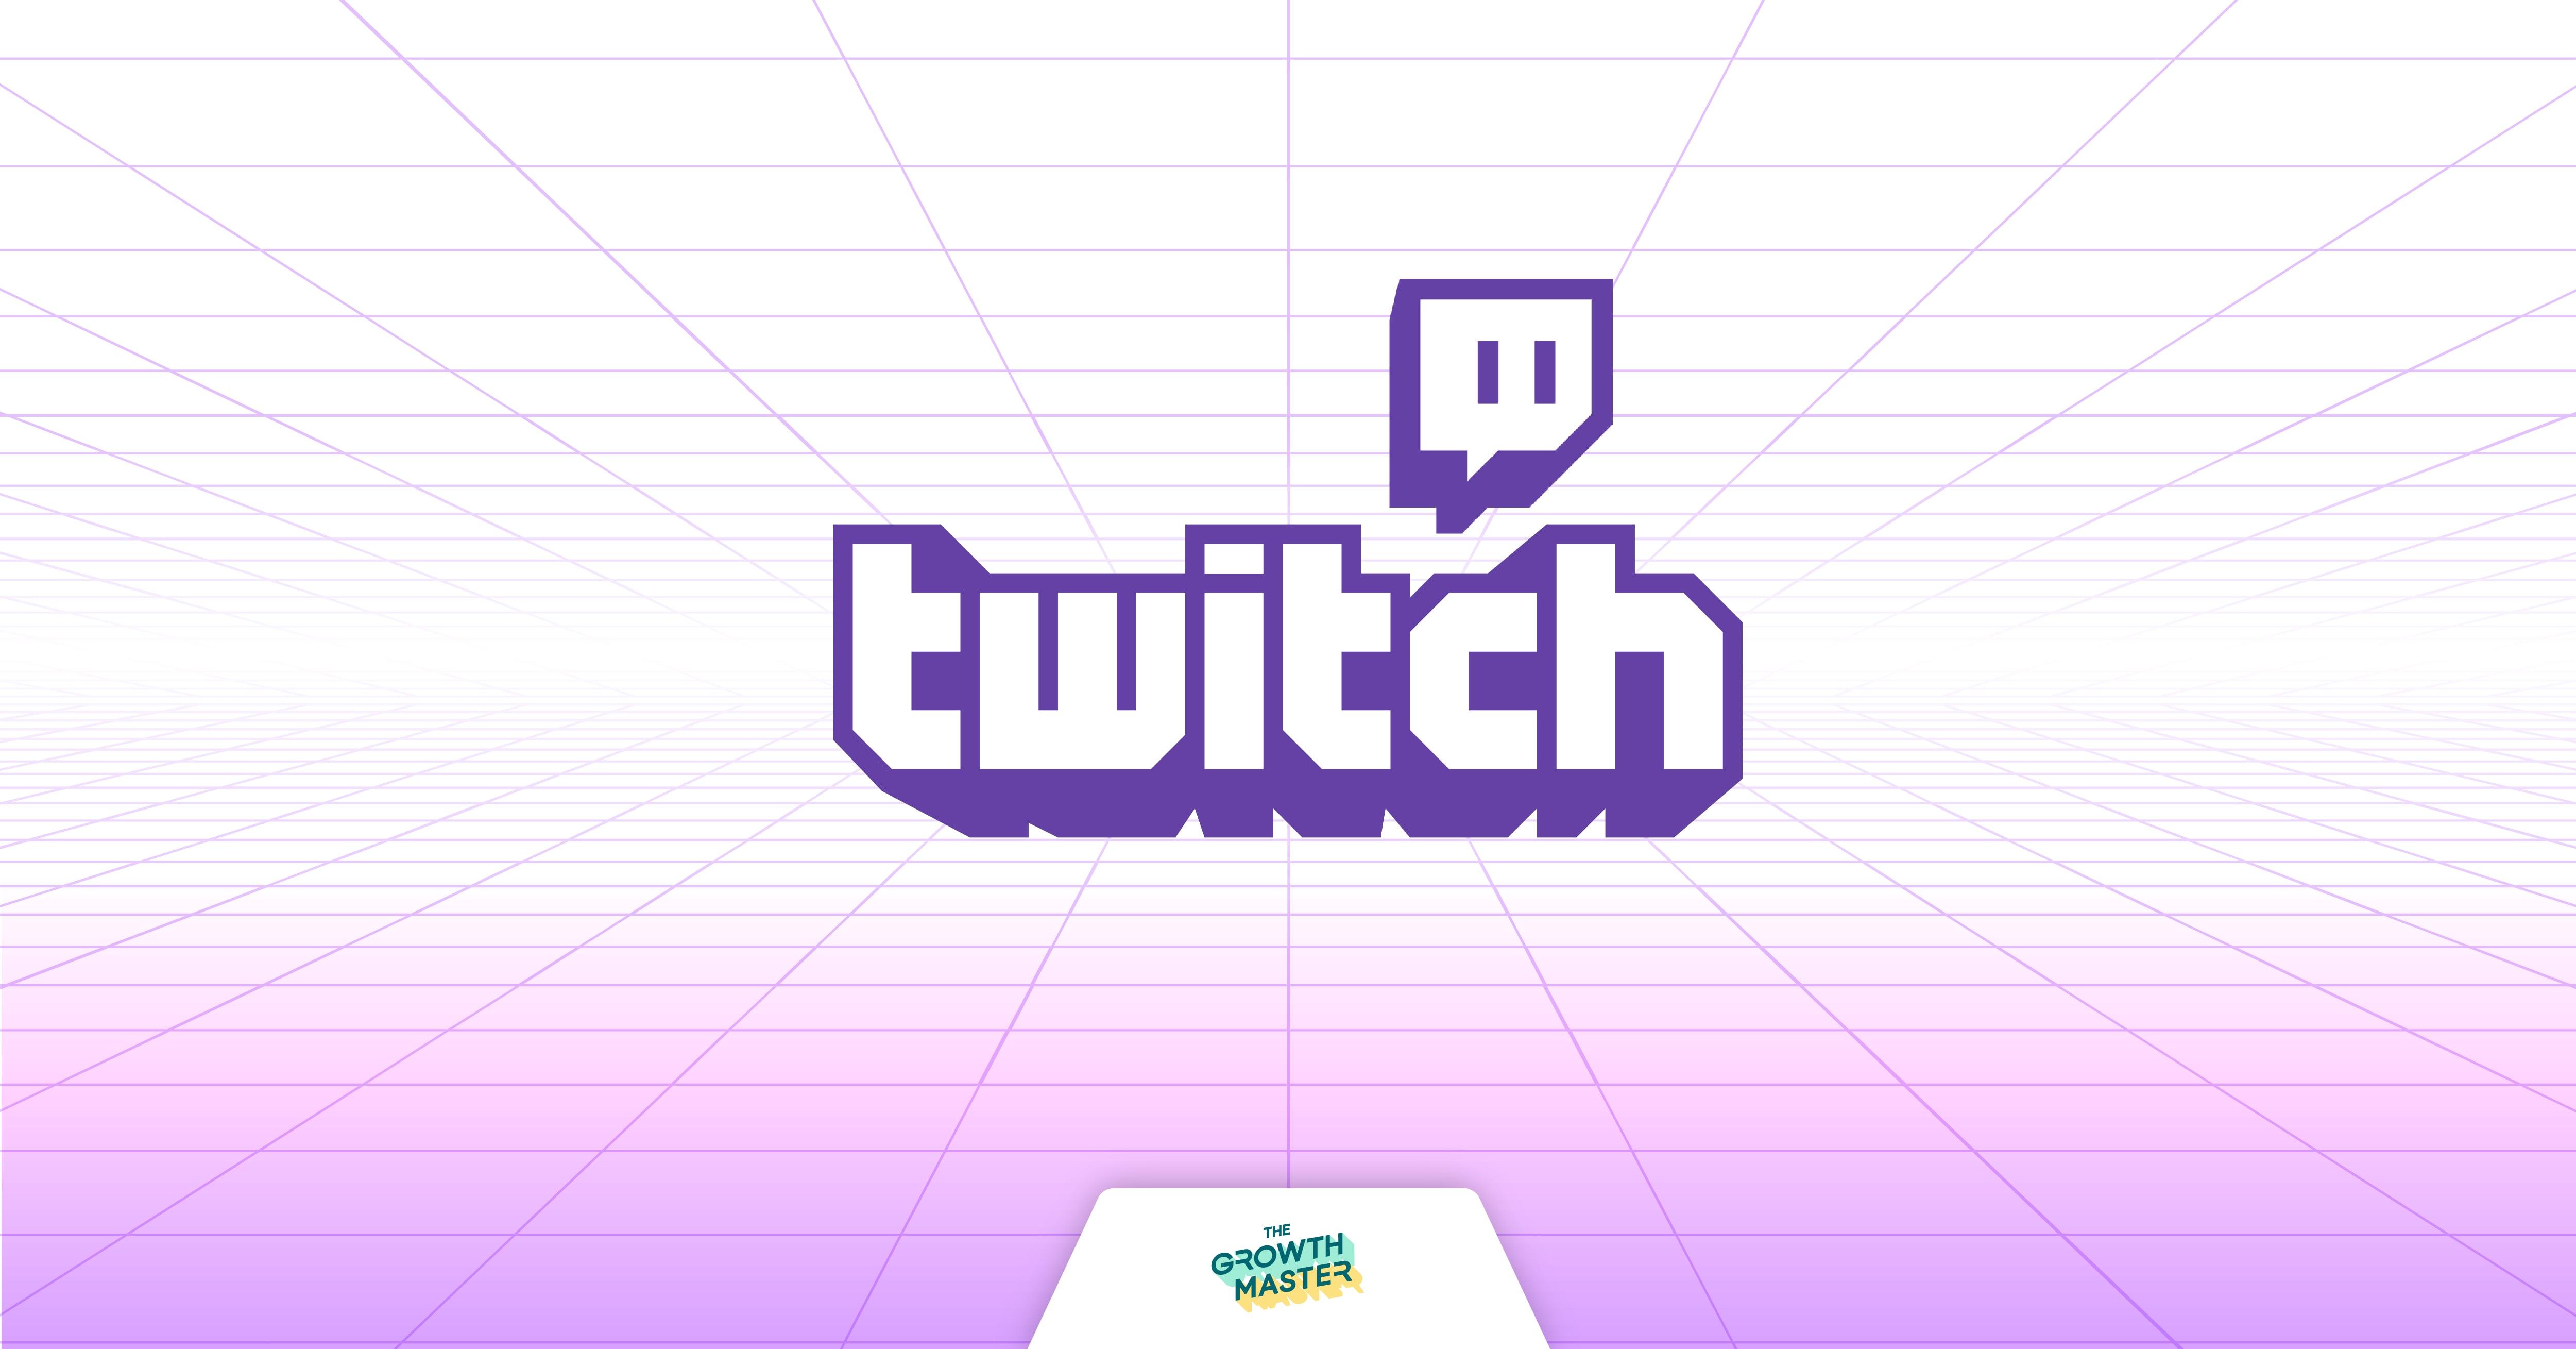 CASE STUDY : Twitch วิดีโอสตรีมมิ่งเกมชื่อดังจากอเมริกากับกลยุทธ์การเติบโตภายใน 10 ปี